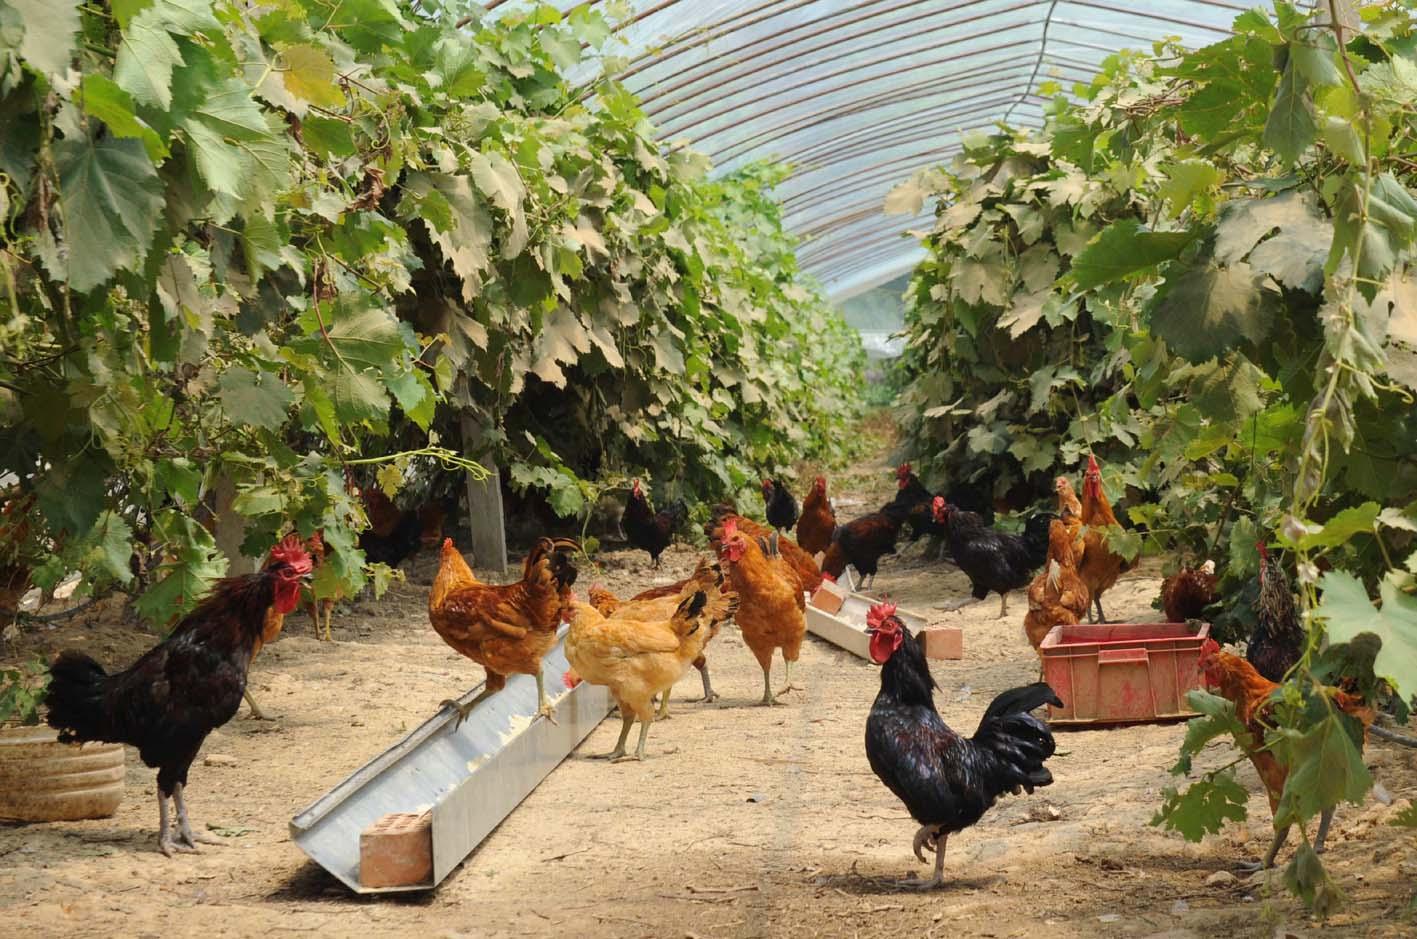 发展绿色生态养殖葡萄架下养鸡